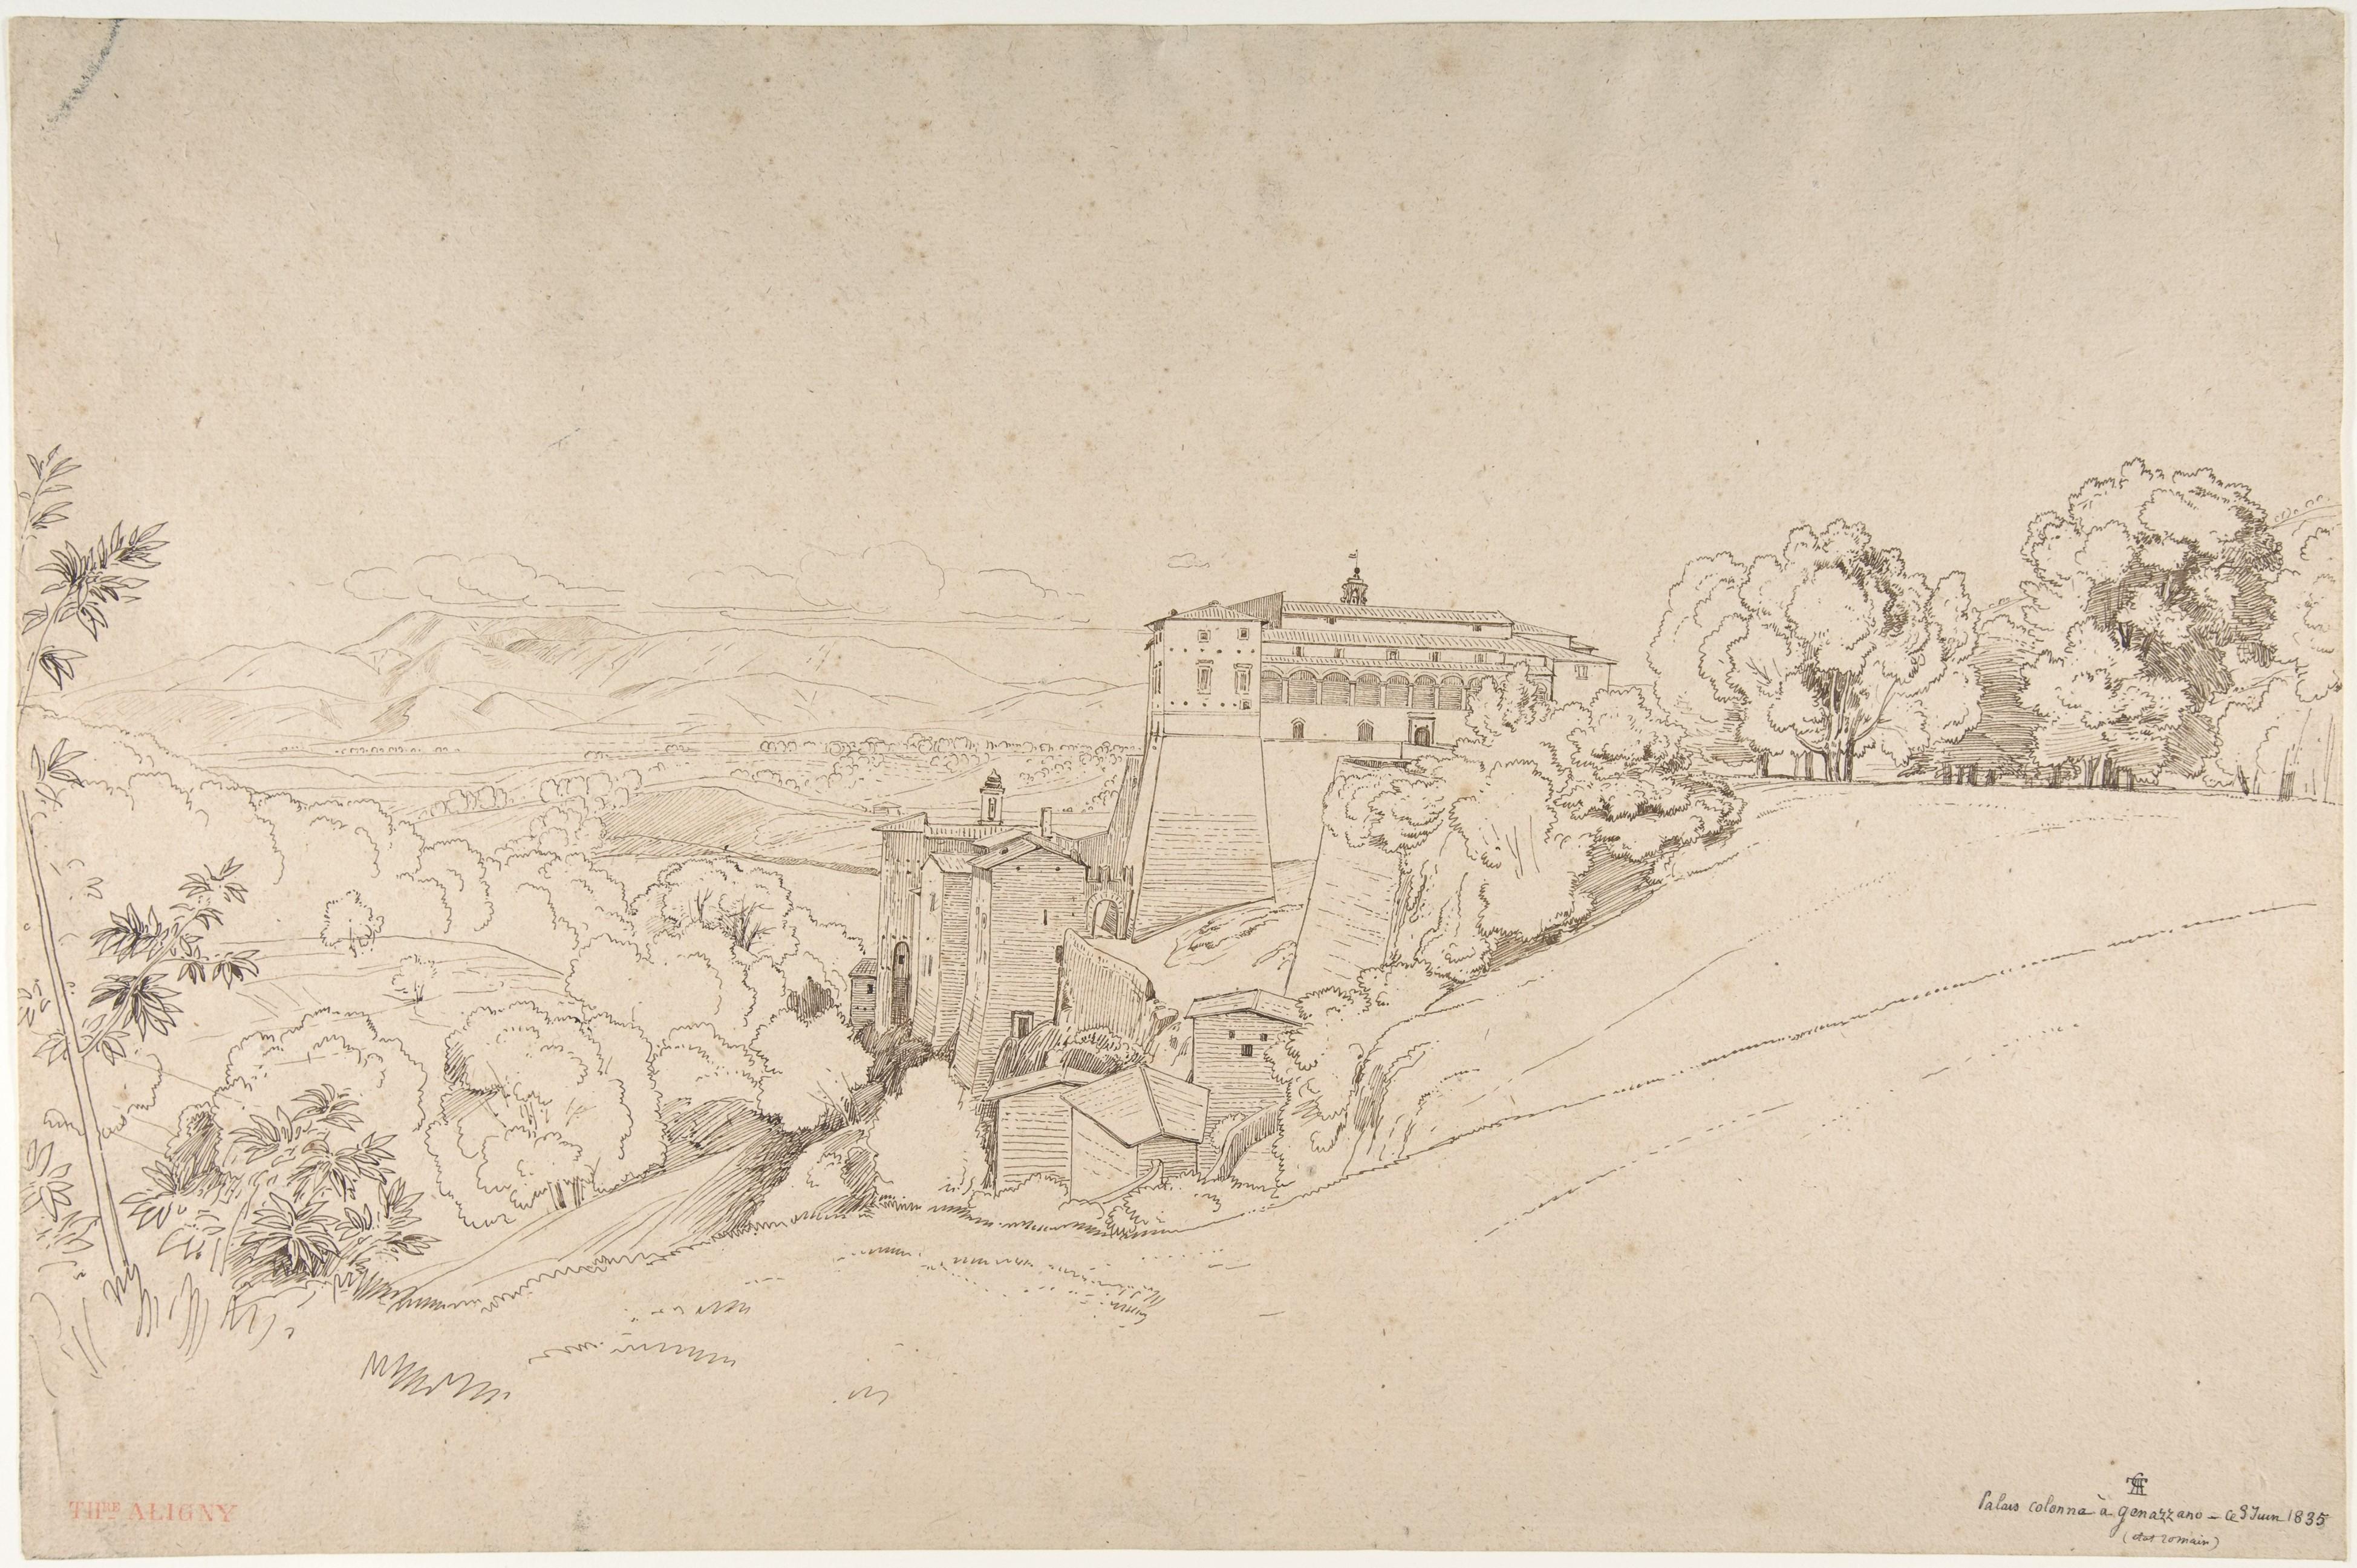 Monte Porzio Catone Cosa Vedere claude-félix-théodore (called caruelle) d'aligny | castello